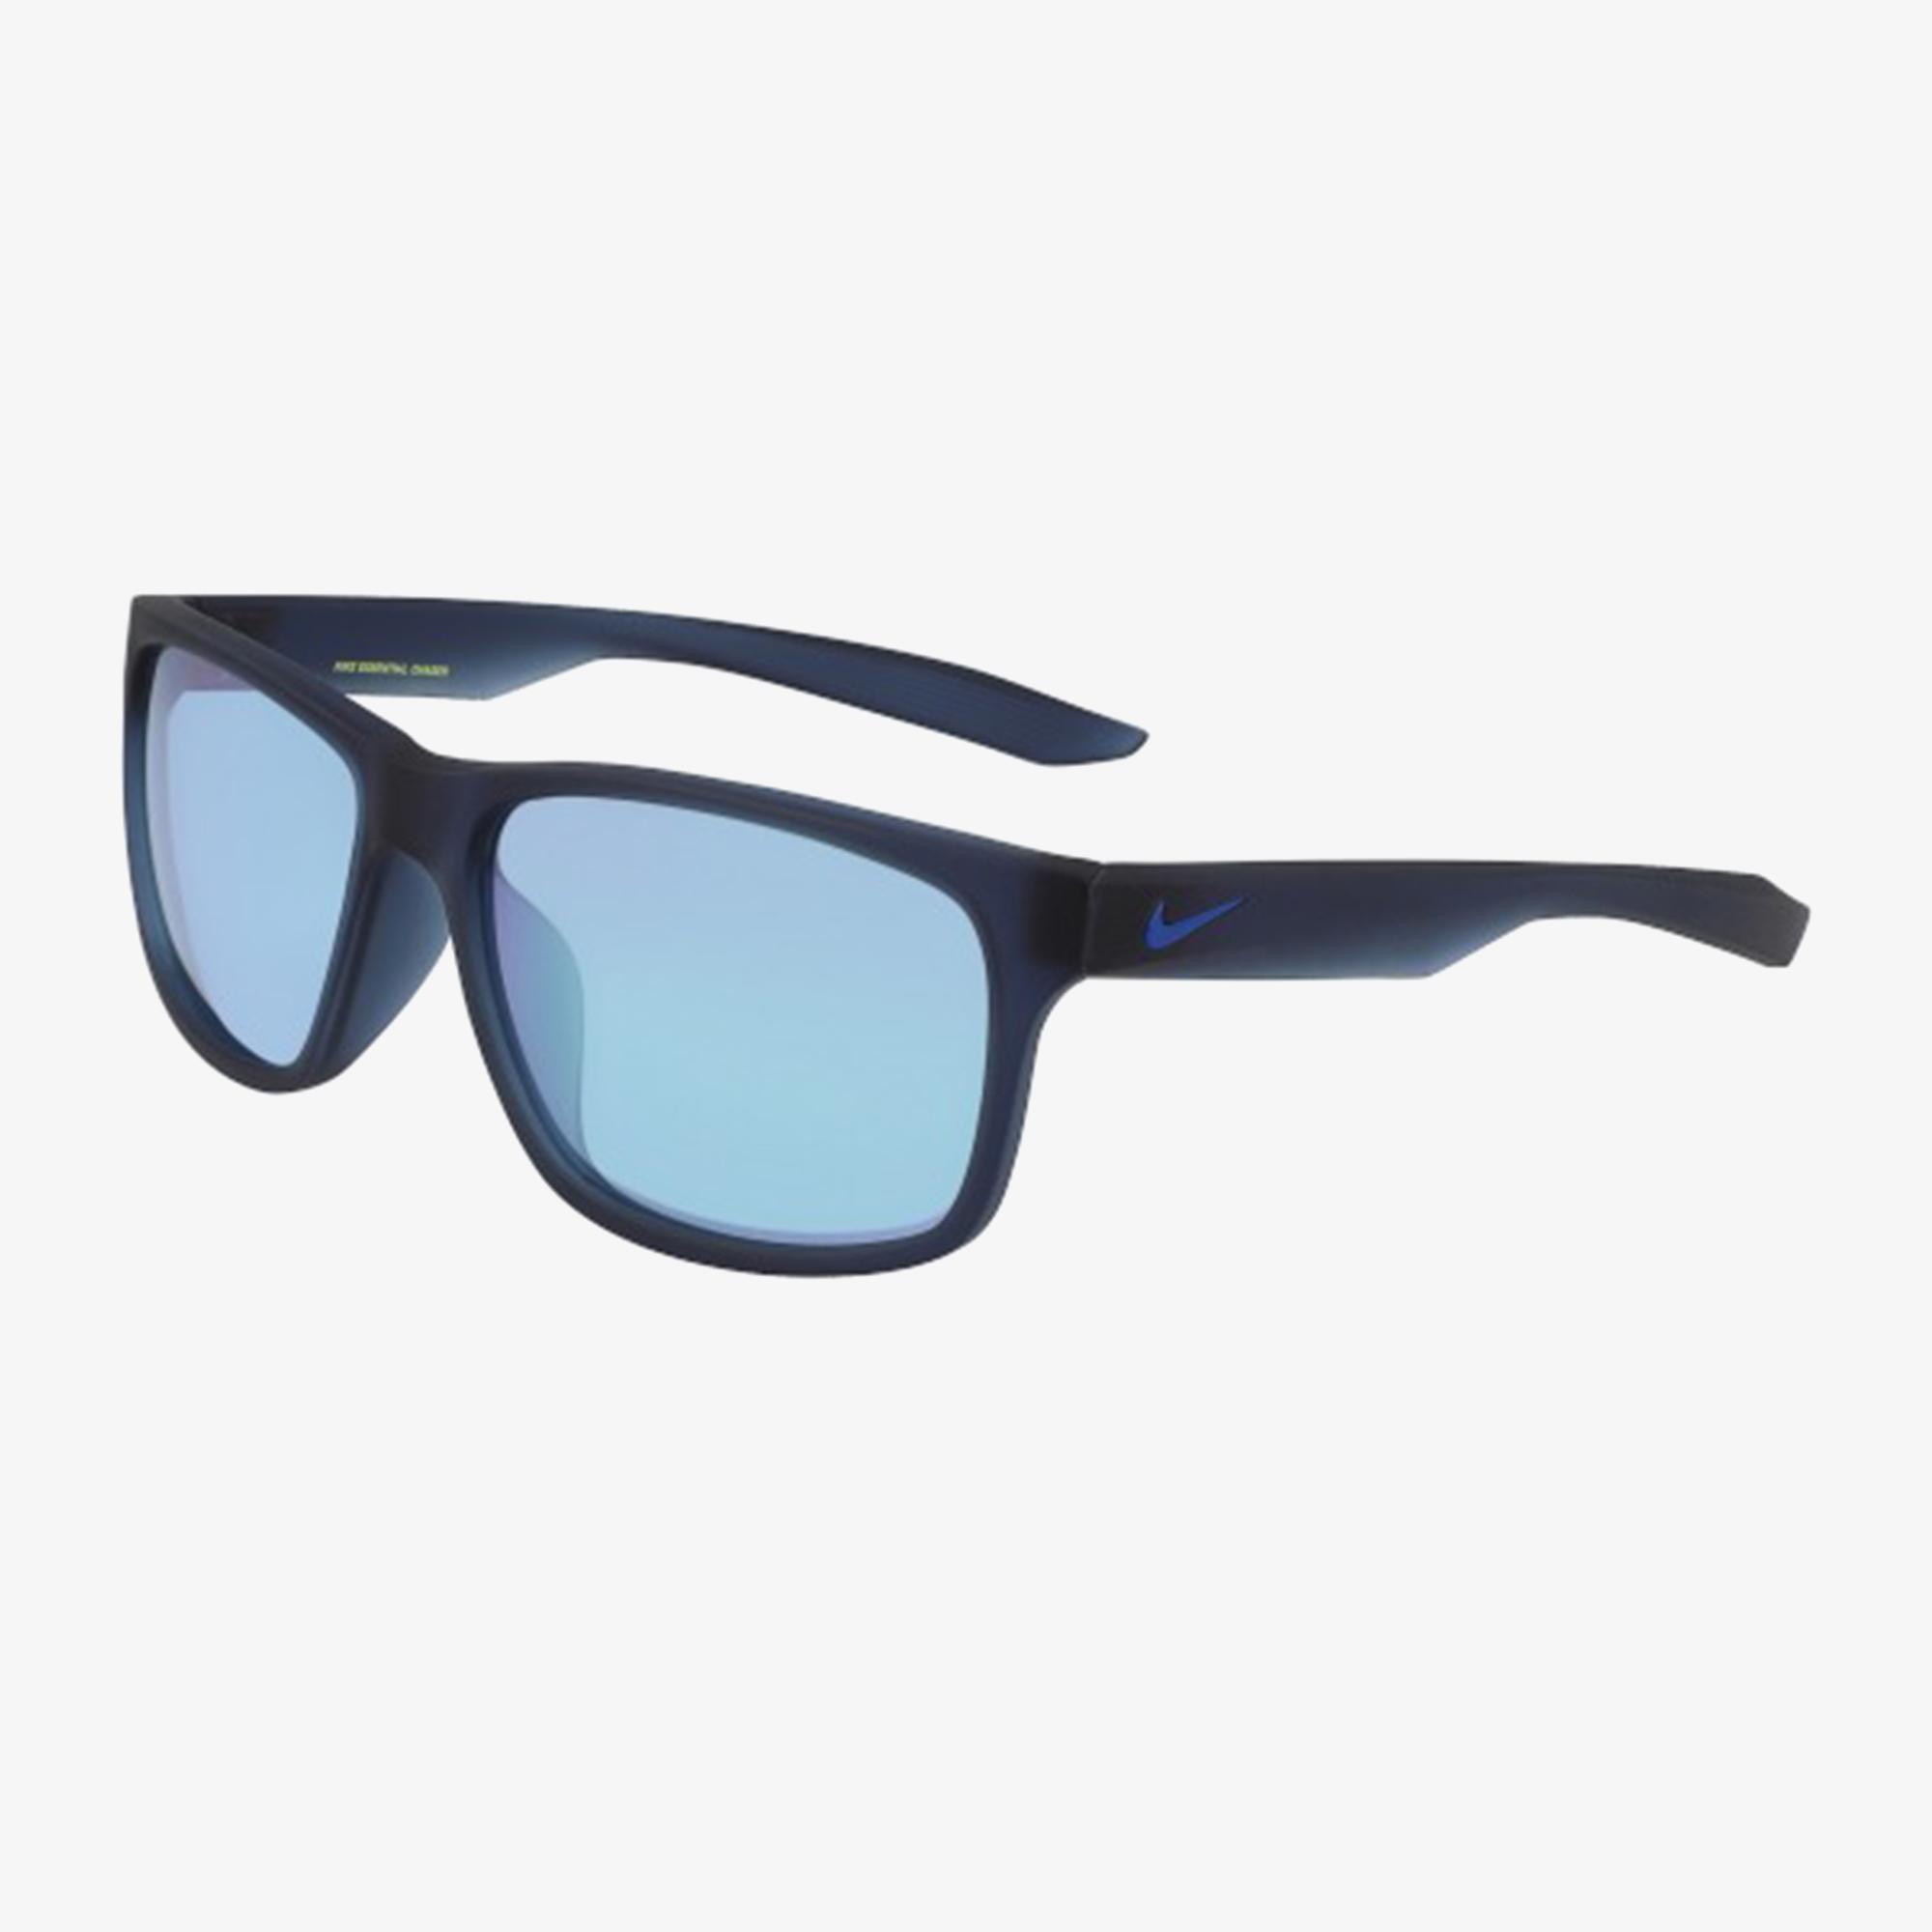 Nike Square Erkek Mavi Güneş Gözlüğü